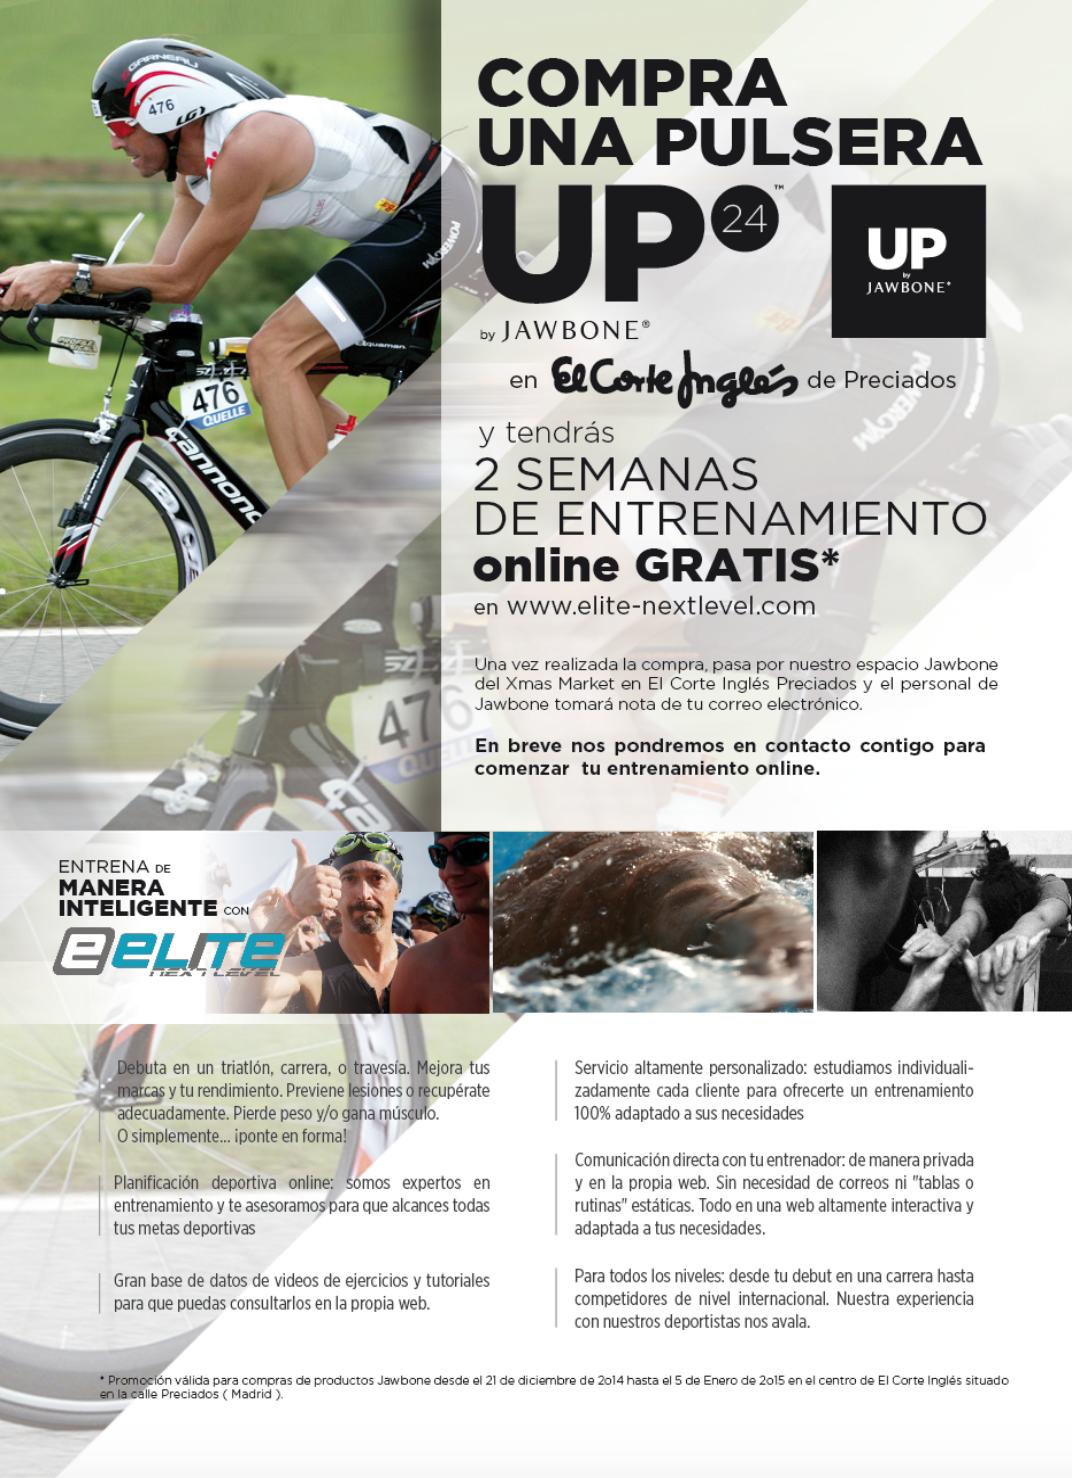 Cartel de promoción con Jawbone UP y El Corte Inglés